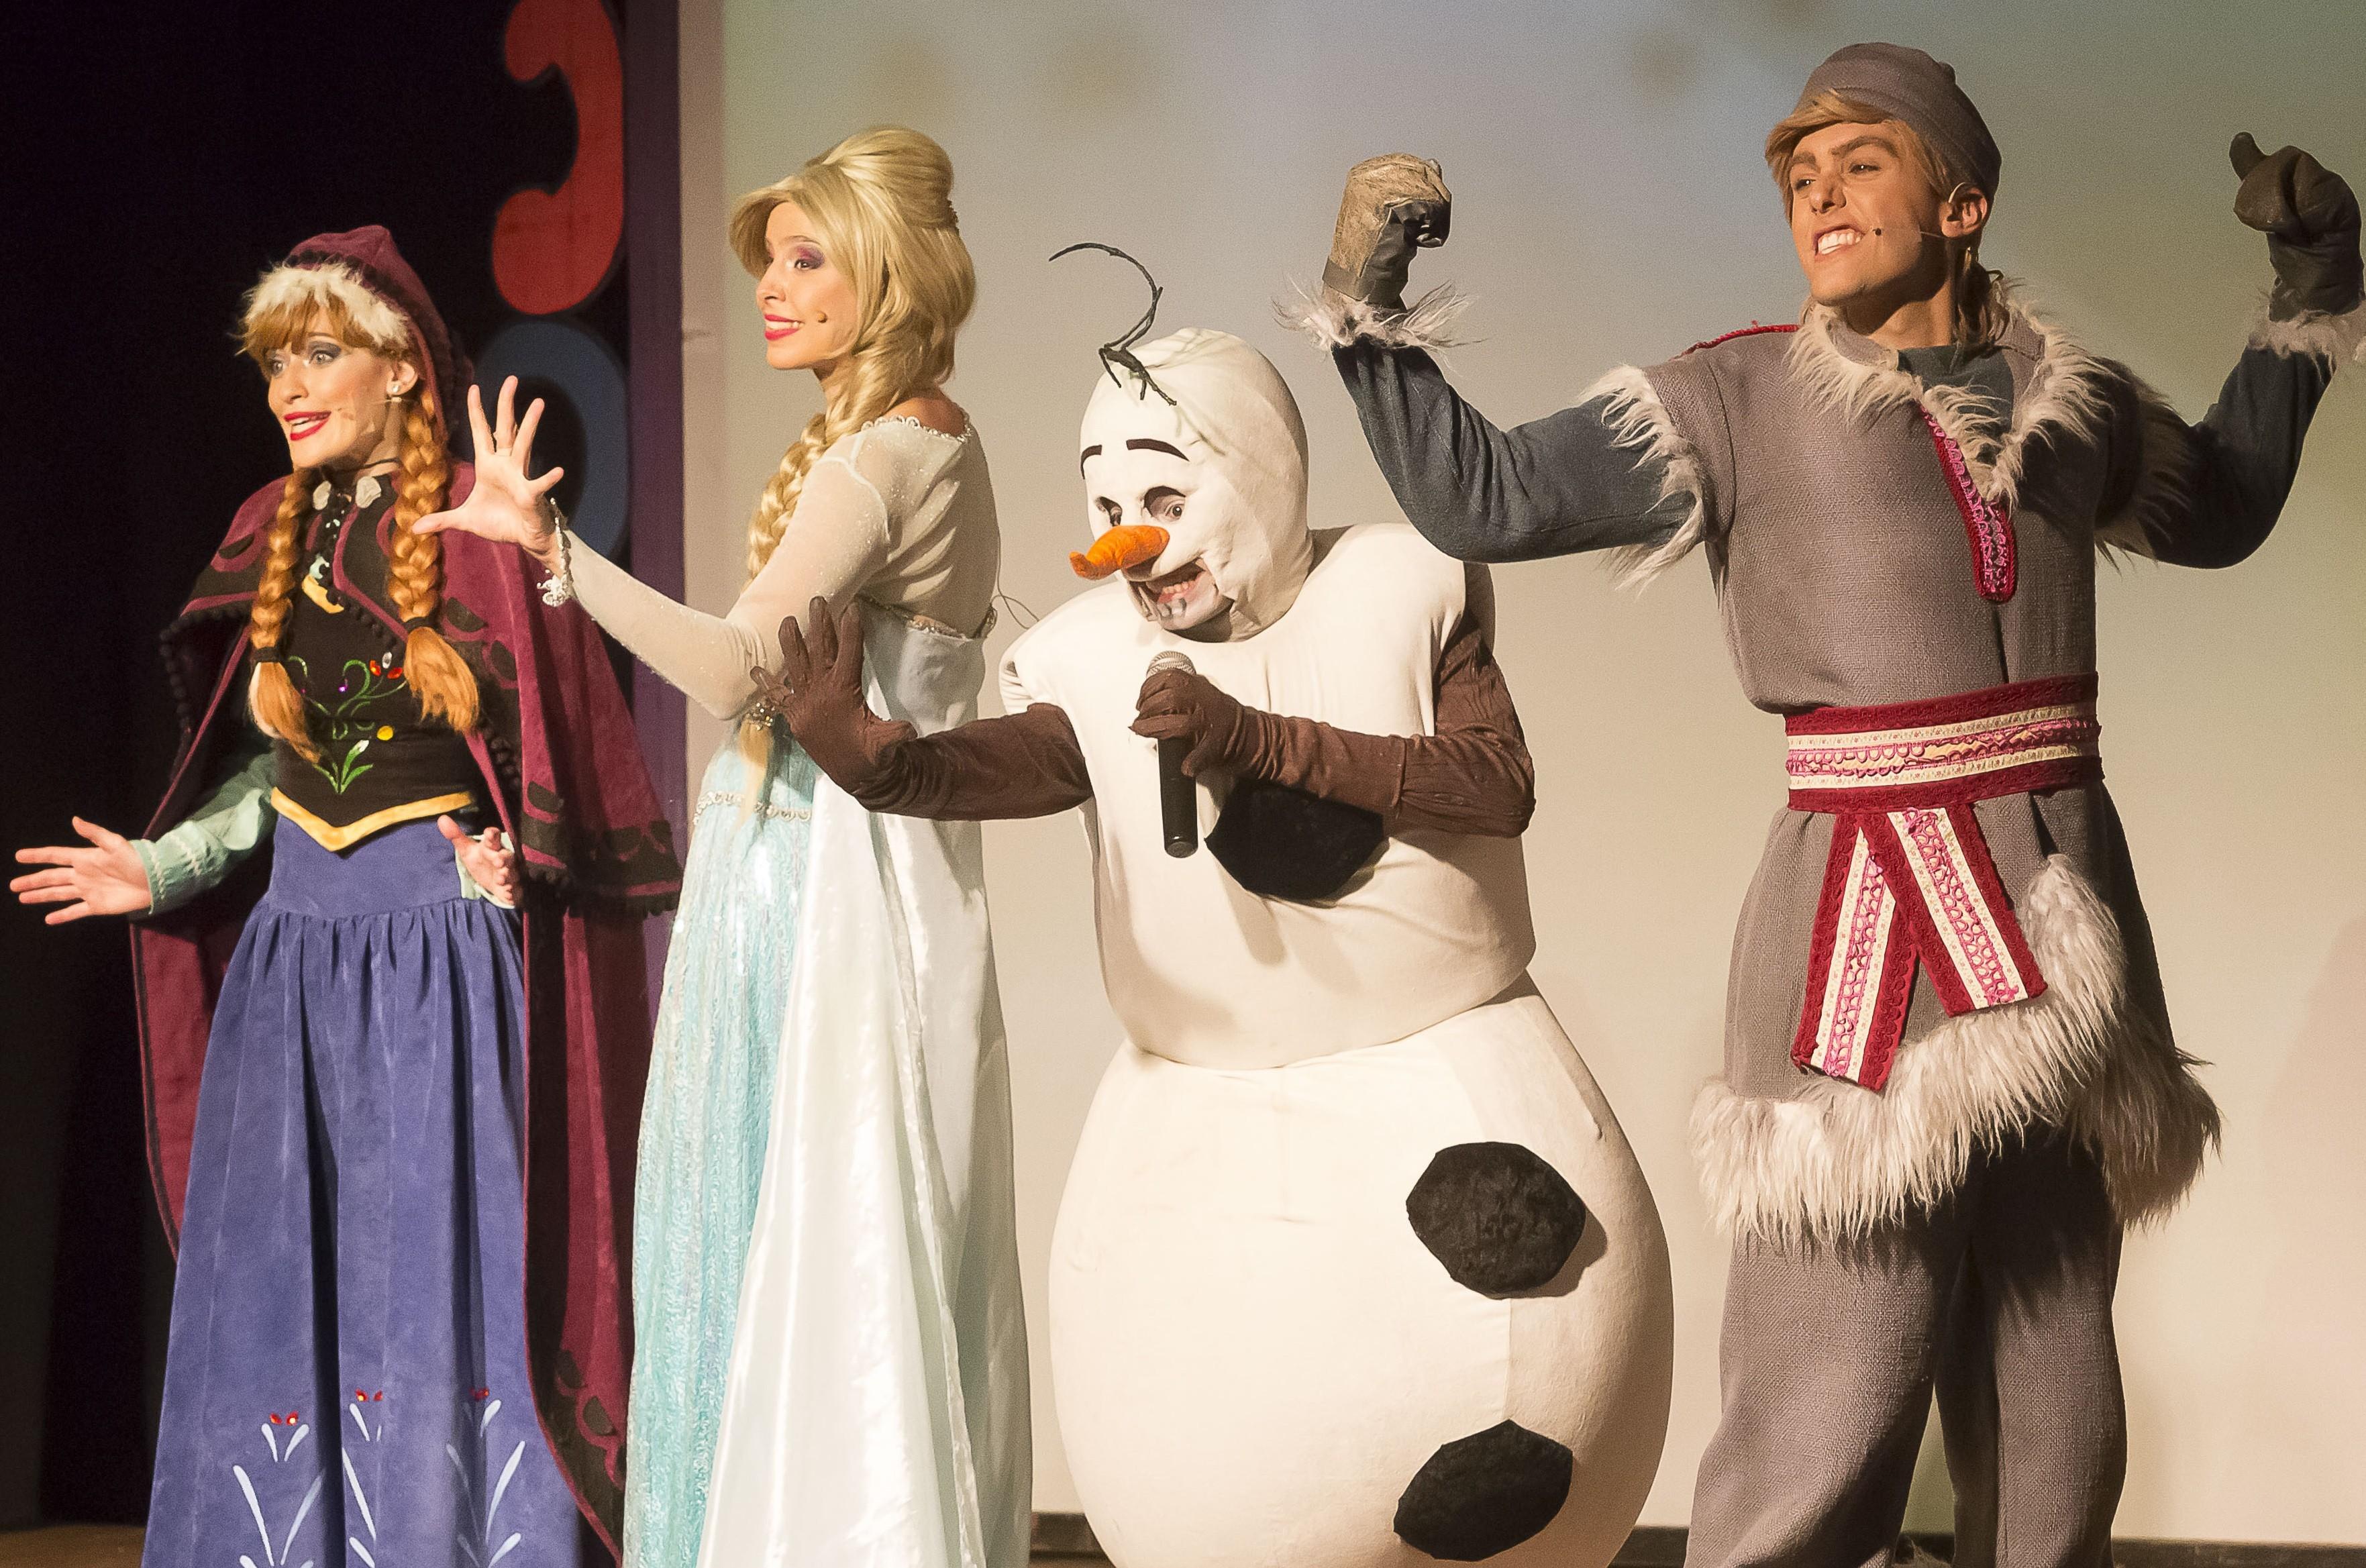 Peça 'Rainha da Neve' é encenada neste sábado em Resende - Notícias - Plantão Diário